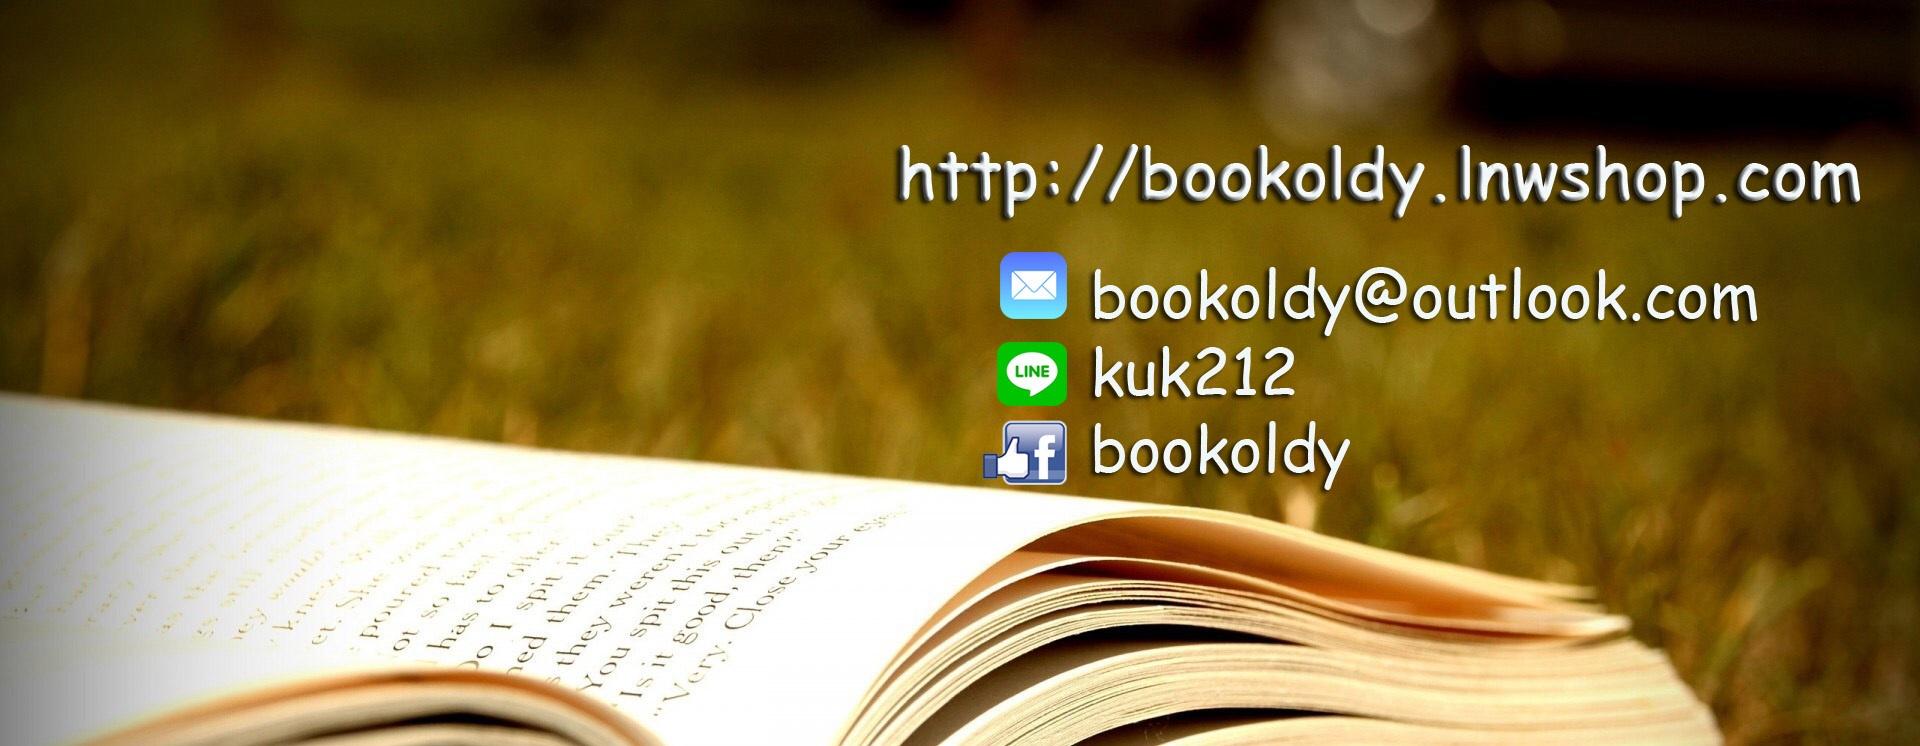 เพื่อนLnw : bookoldy